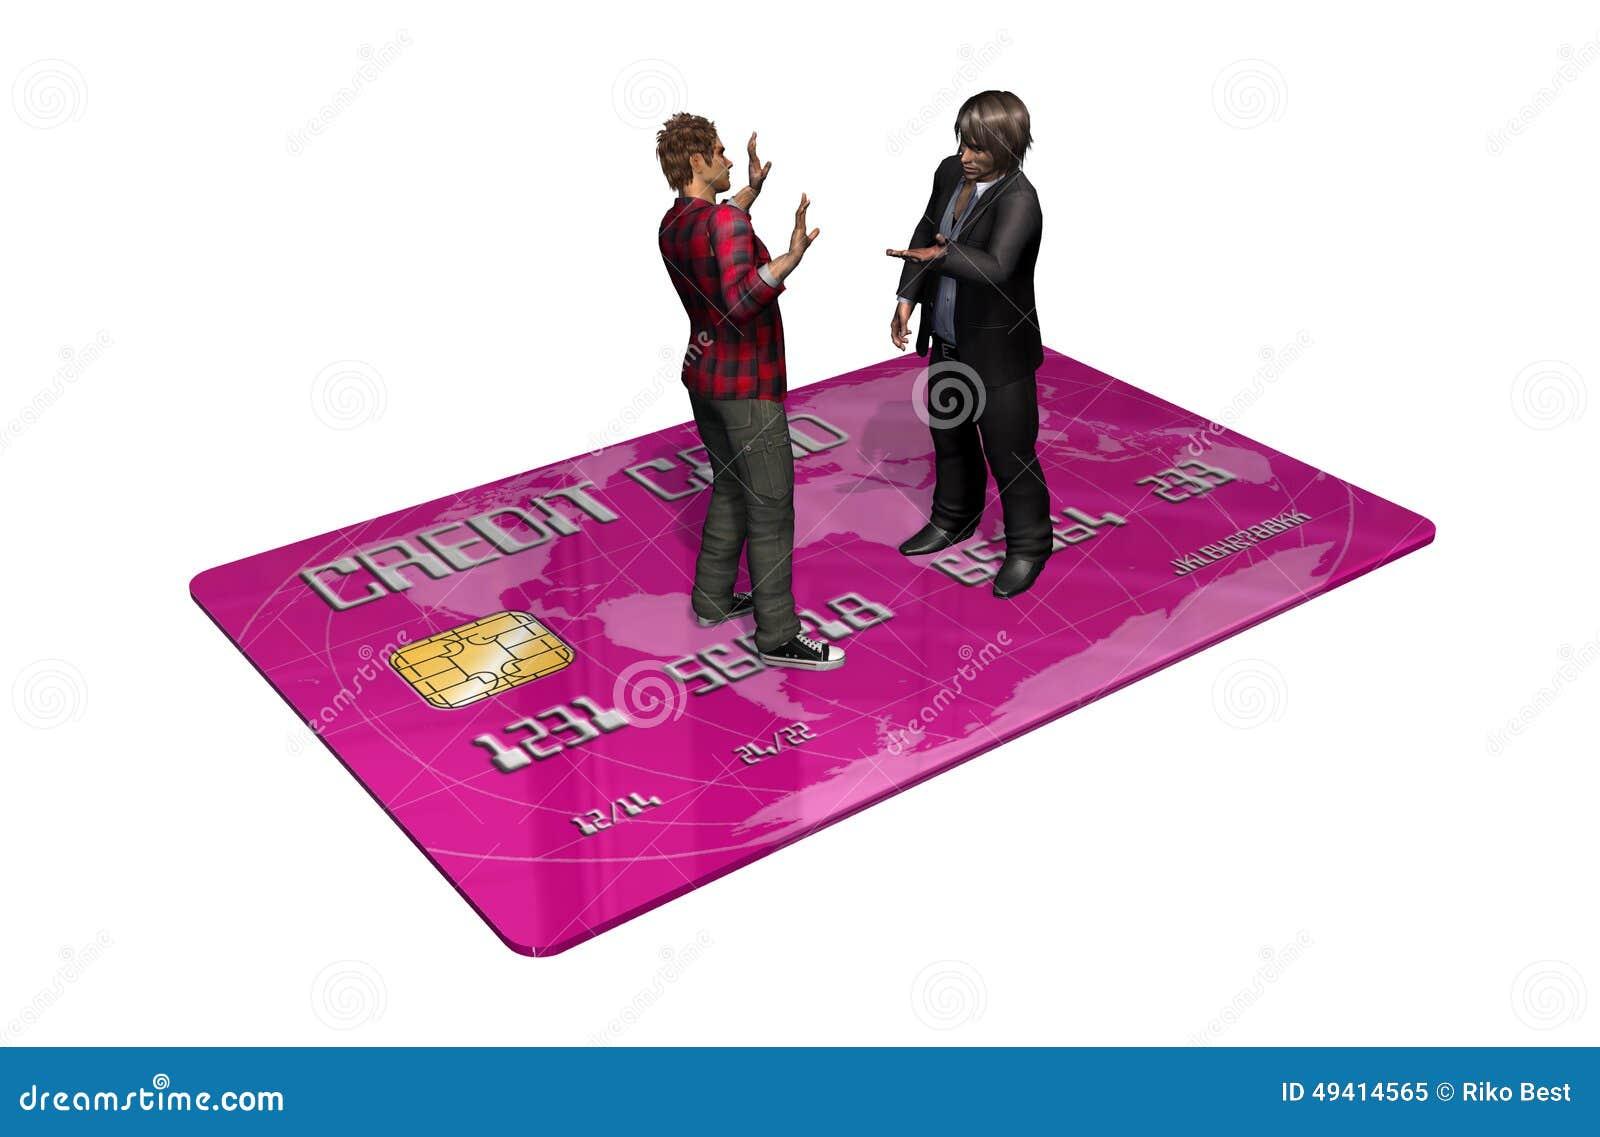 Download Kreditkarte Mit Personen Im Geschäft Stock Abbildung - Illustration von karte, einkaufen: 49414565